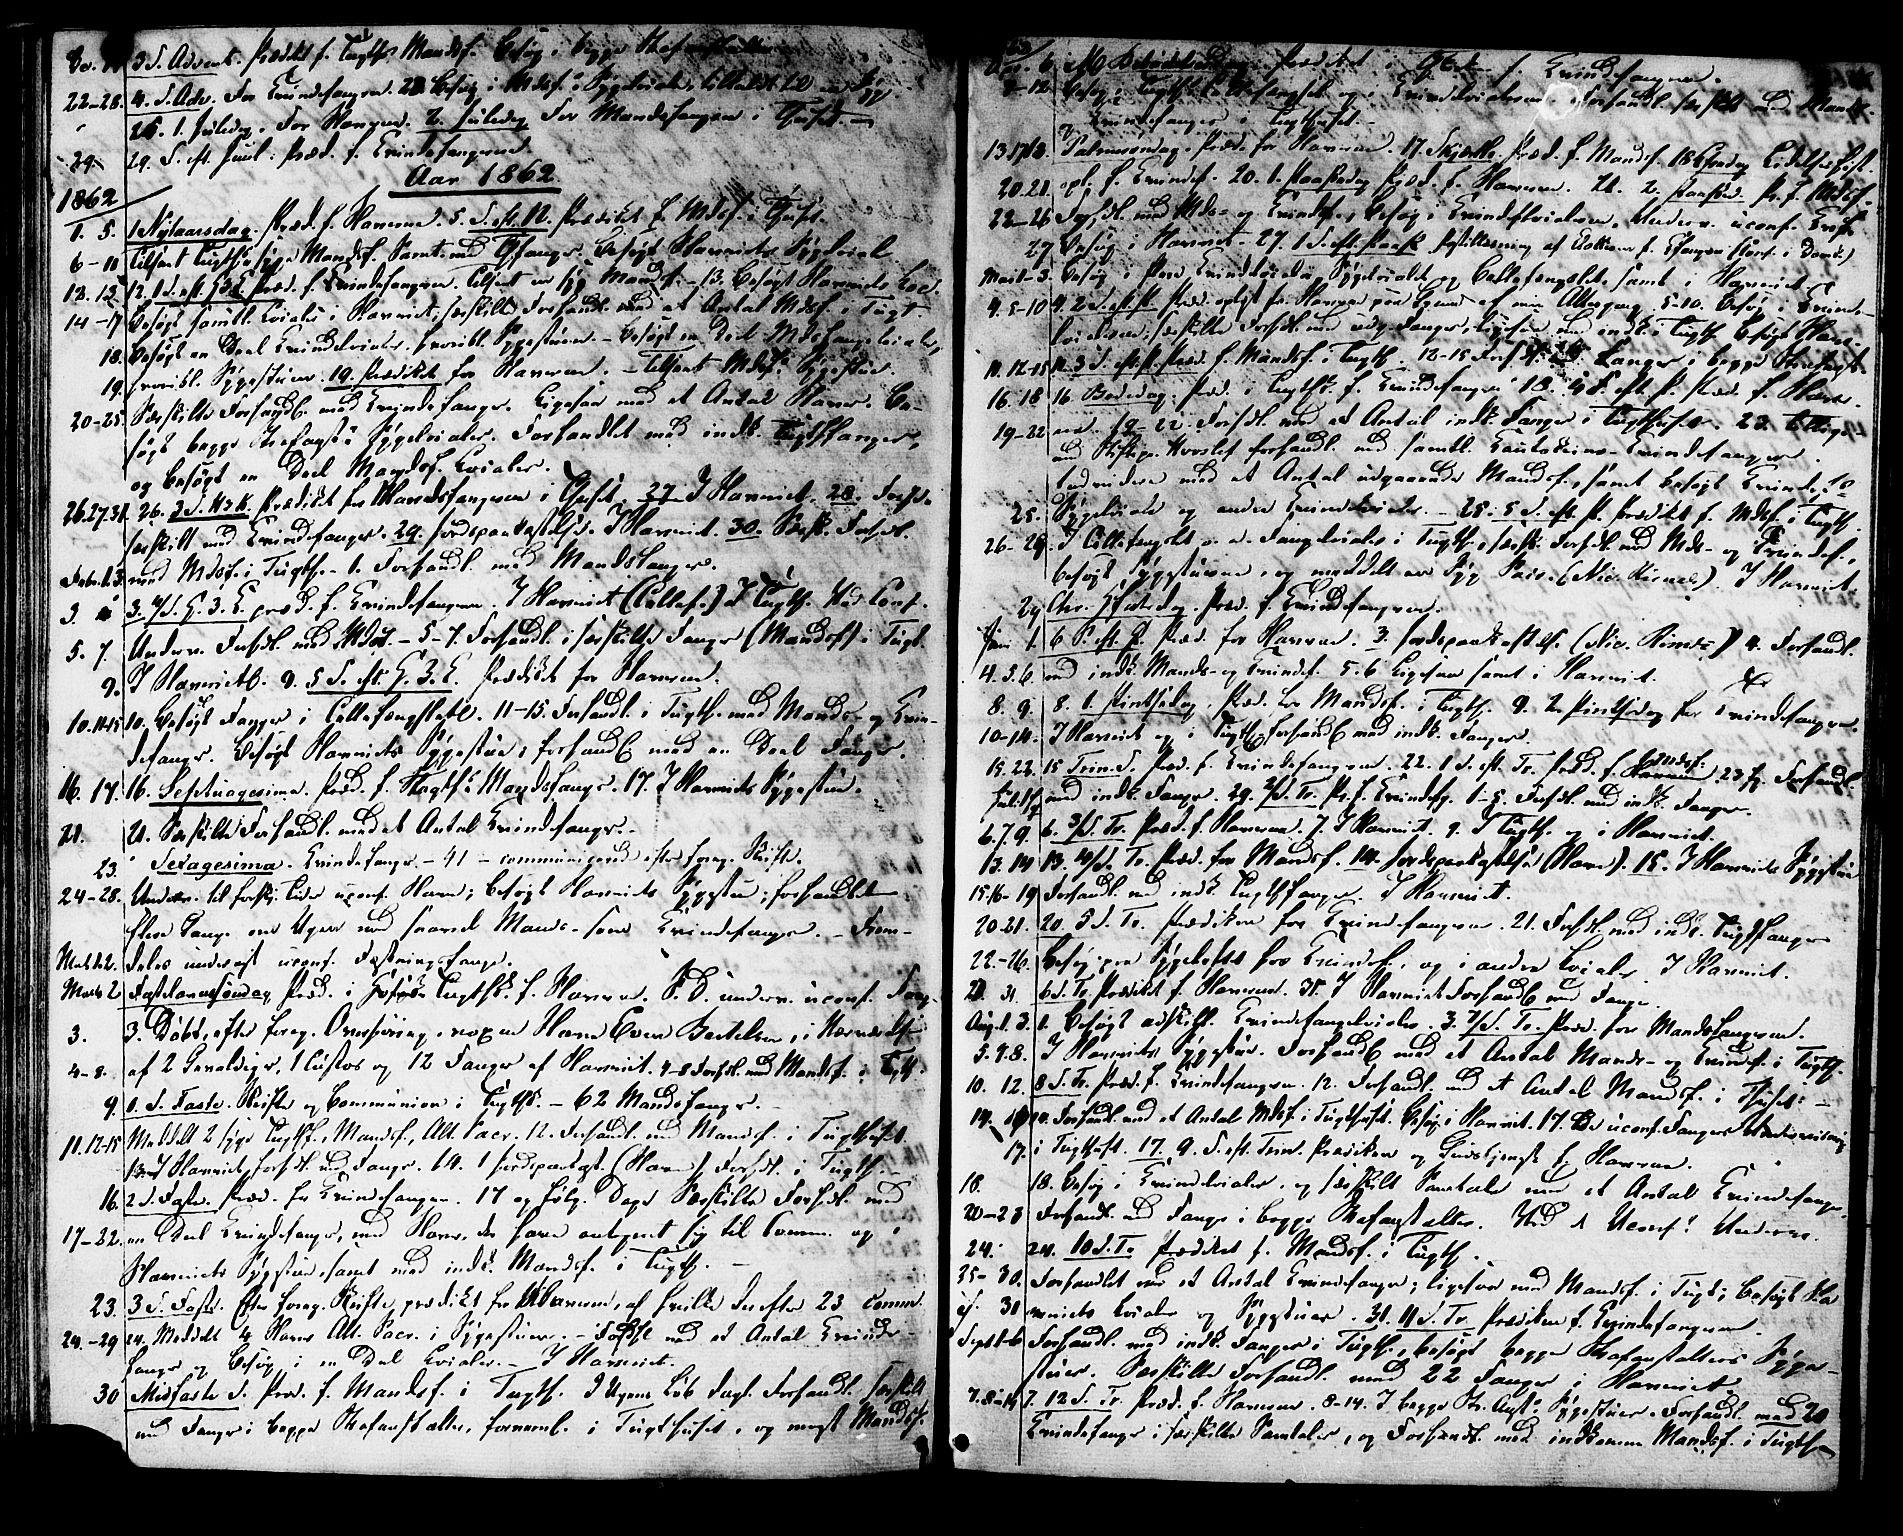 SAT, Ministerialprotokoller, klokkerbøker og fødselsregistre - Sør-Trøndelag, 624/L0481: Ministerialbok nr. 624A02, 1841-1869, s. 48